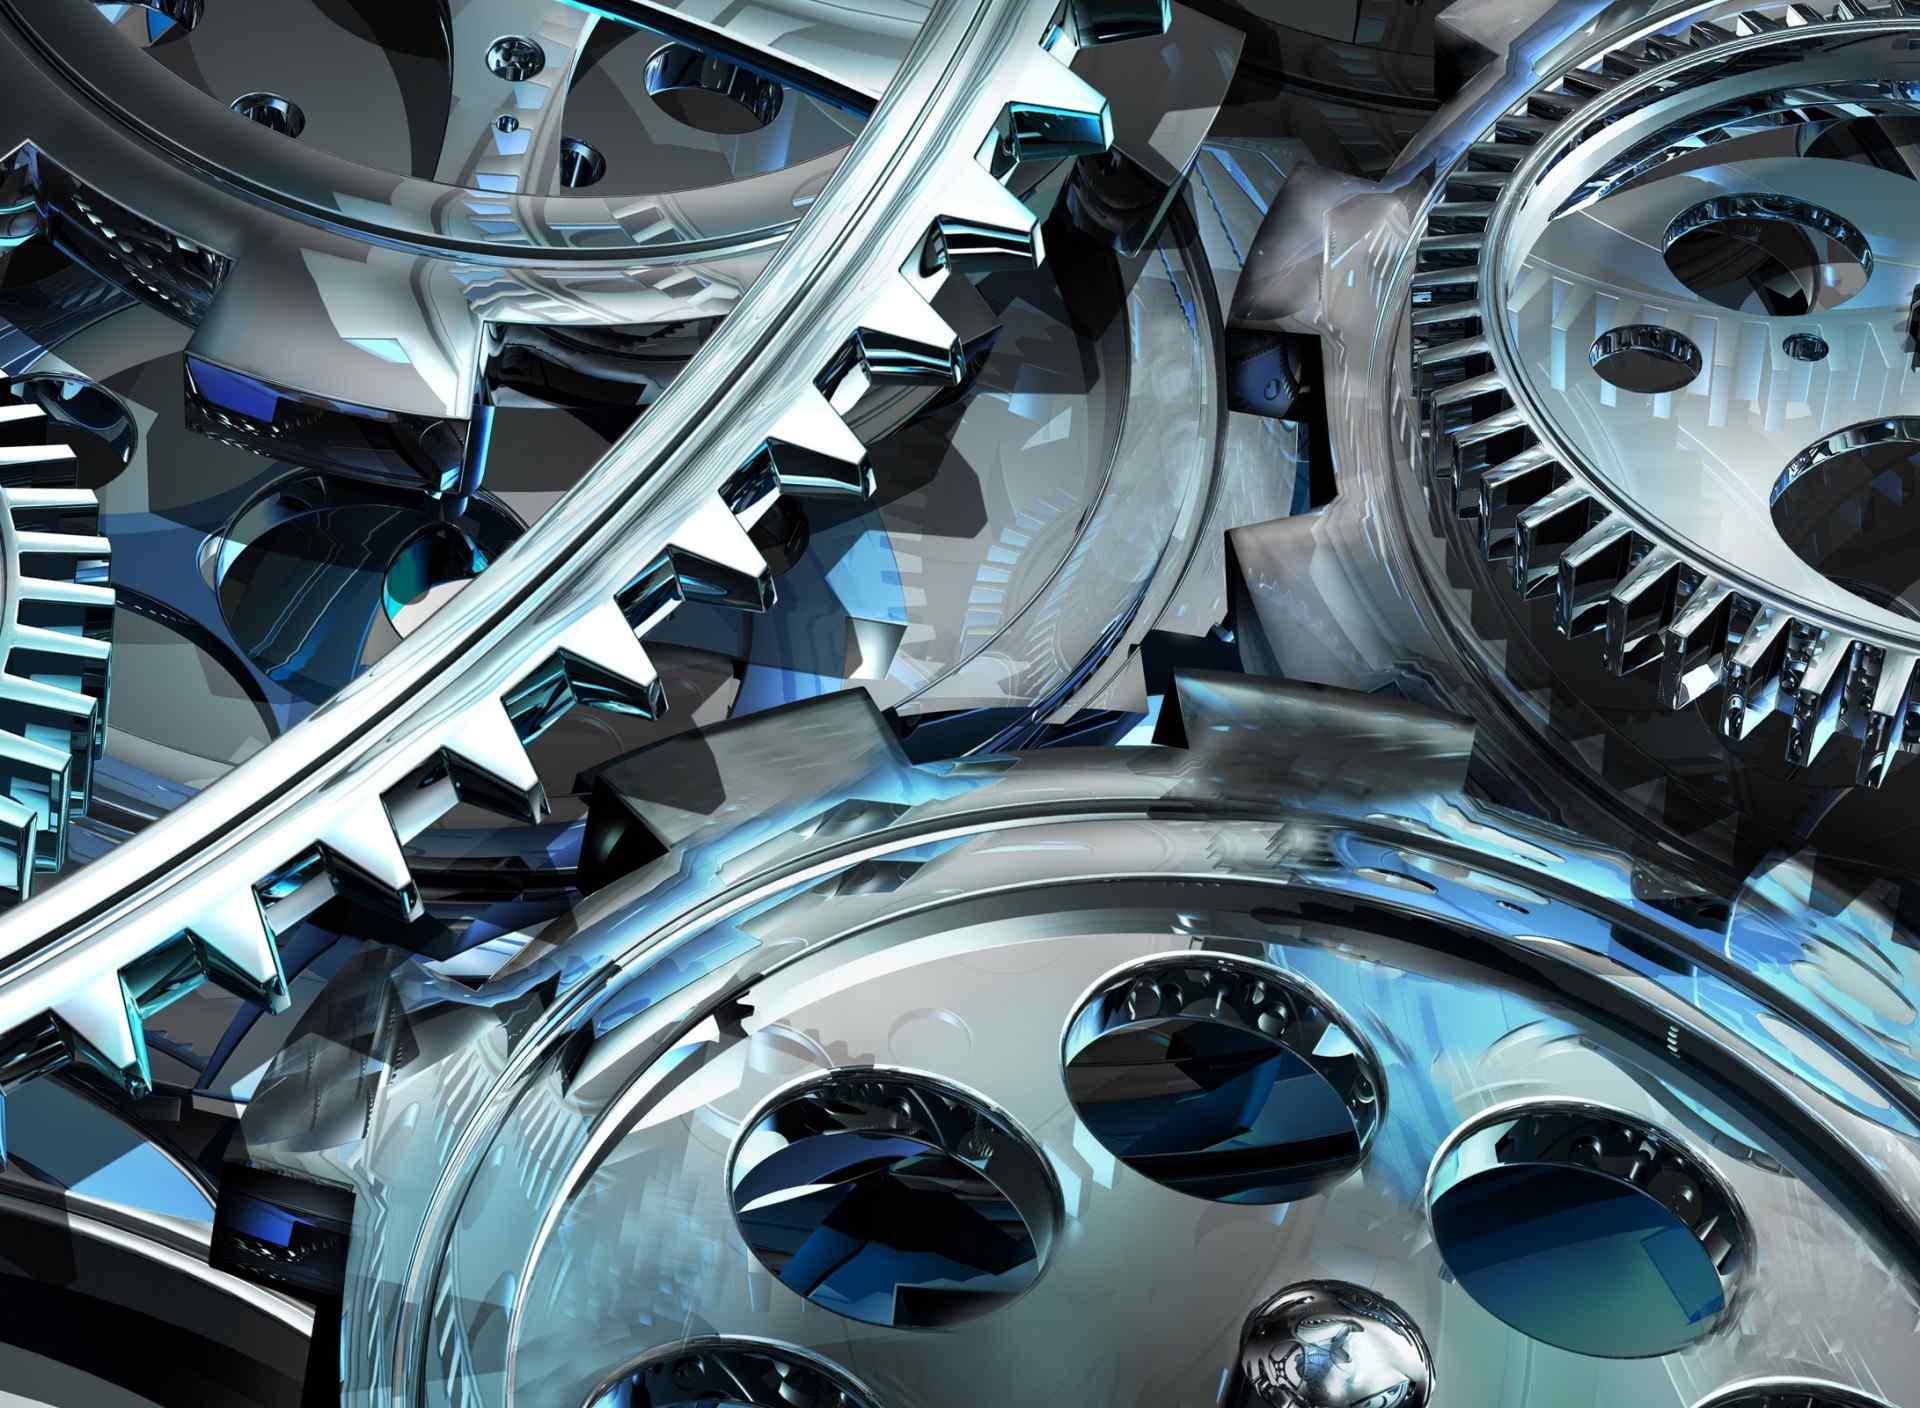 3D齿轮设计机械桌面壁纸